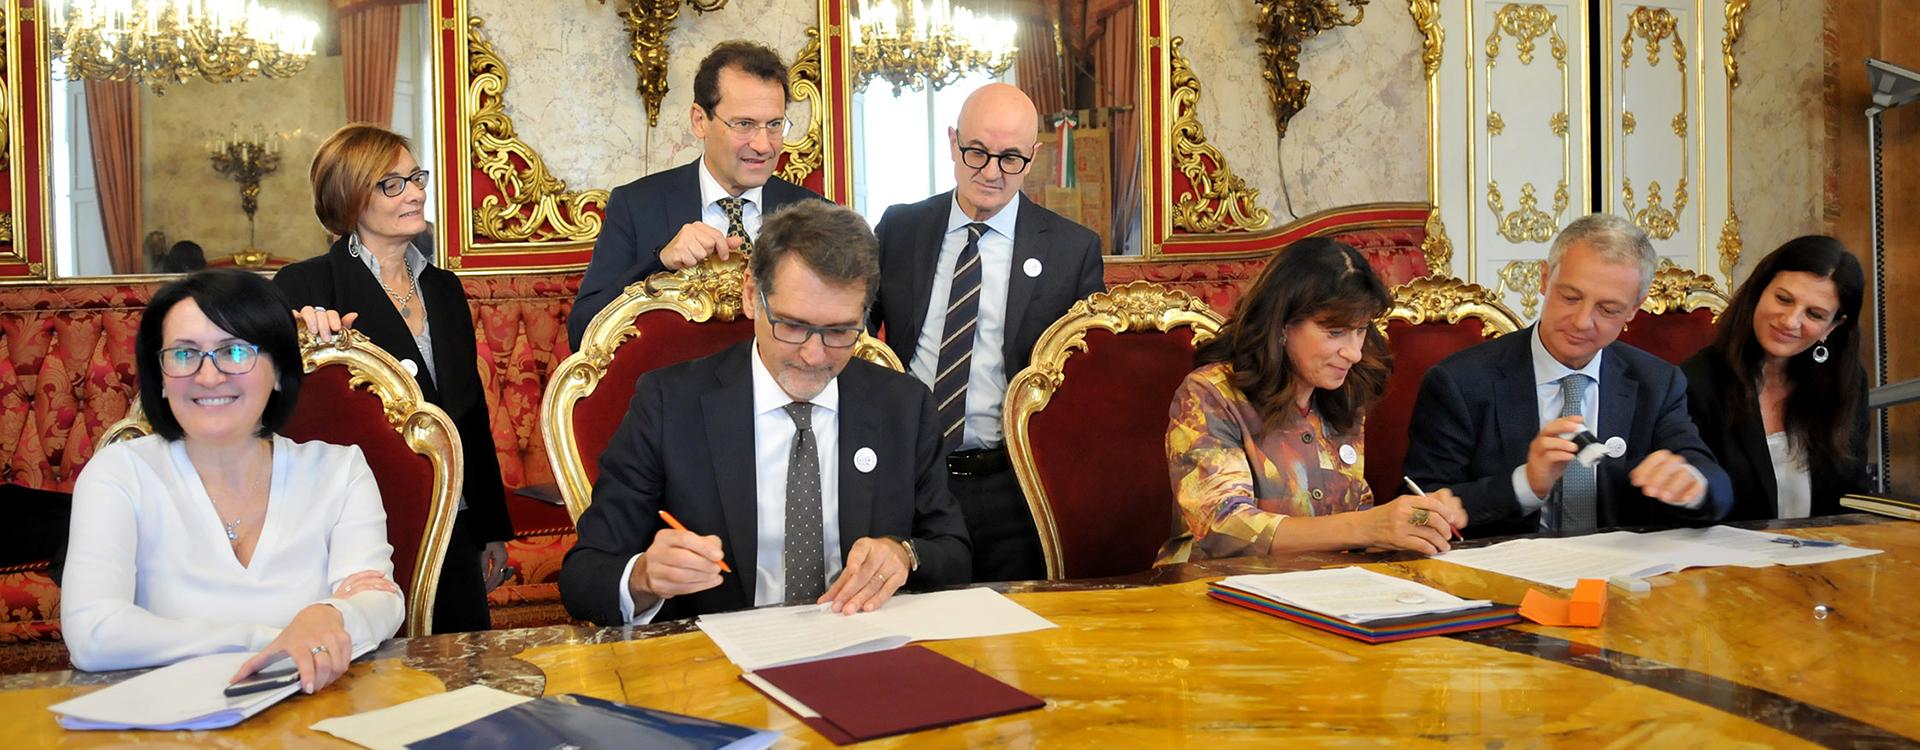 Foto: la firma del protocollo